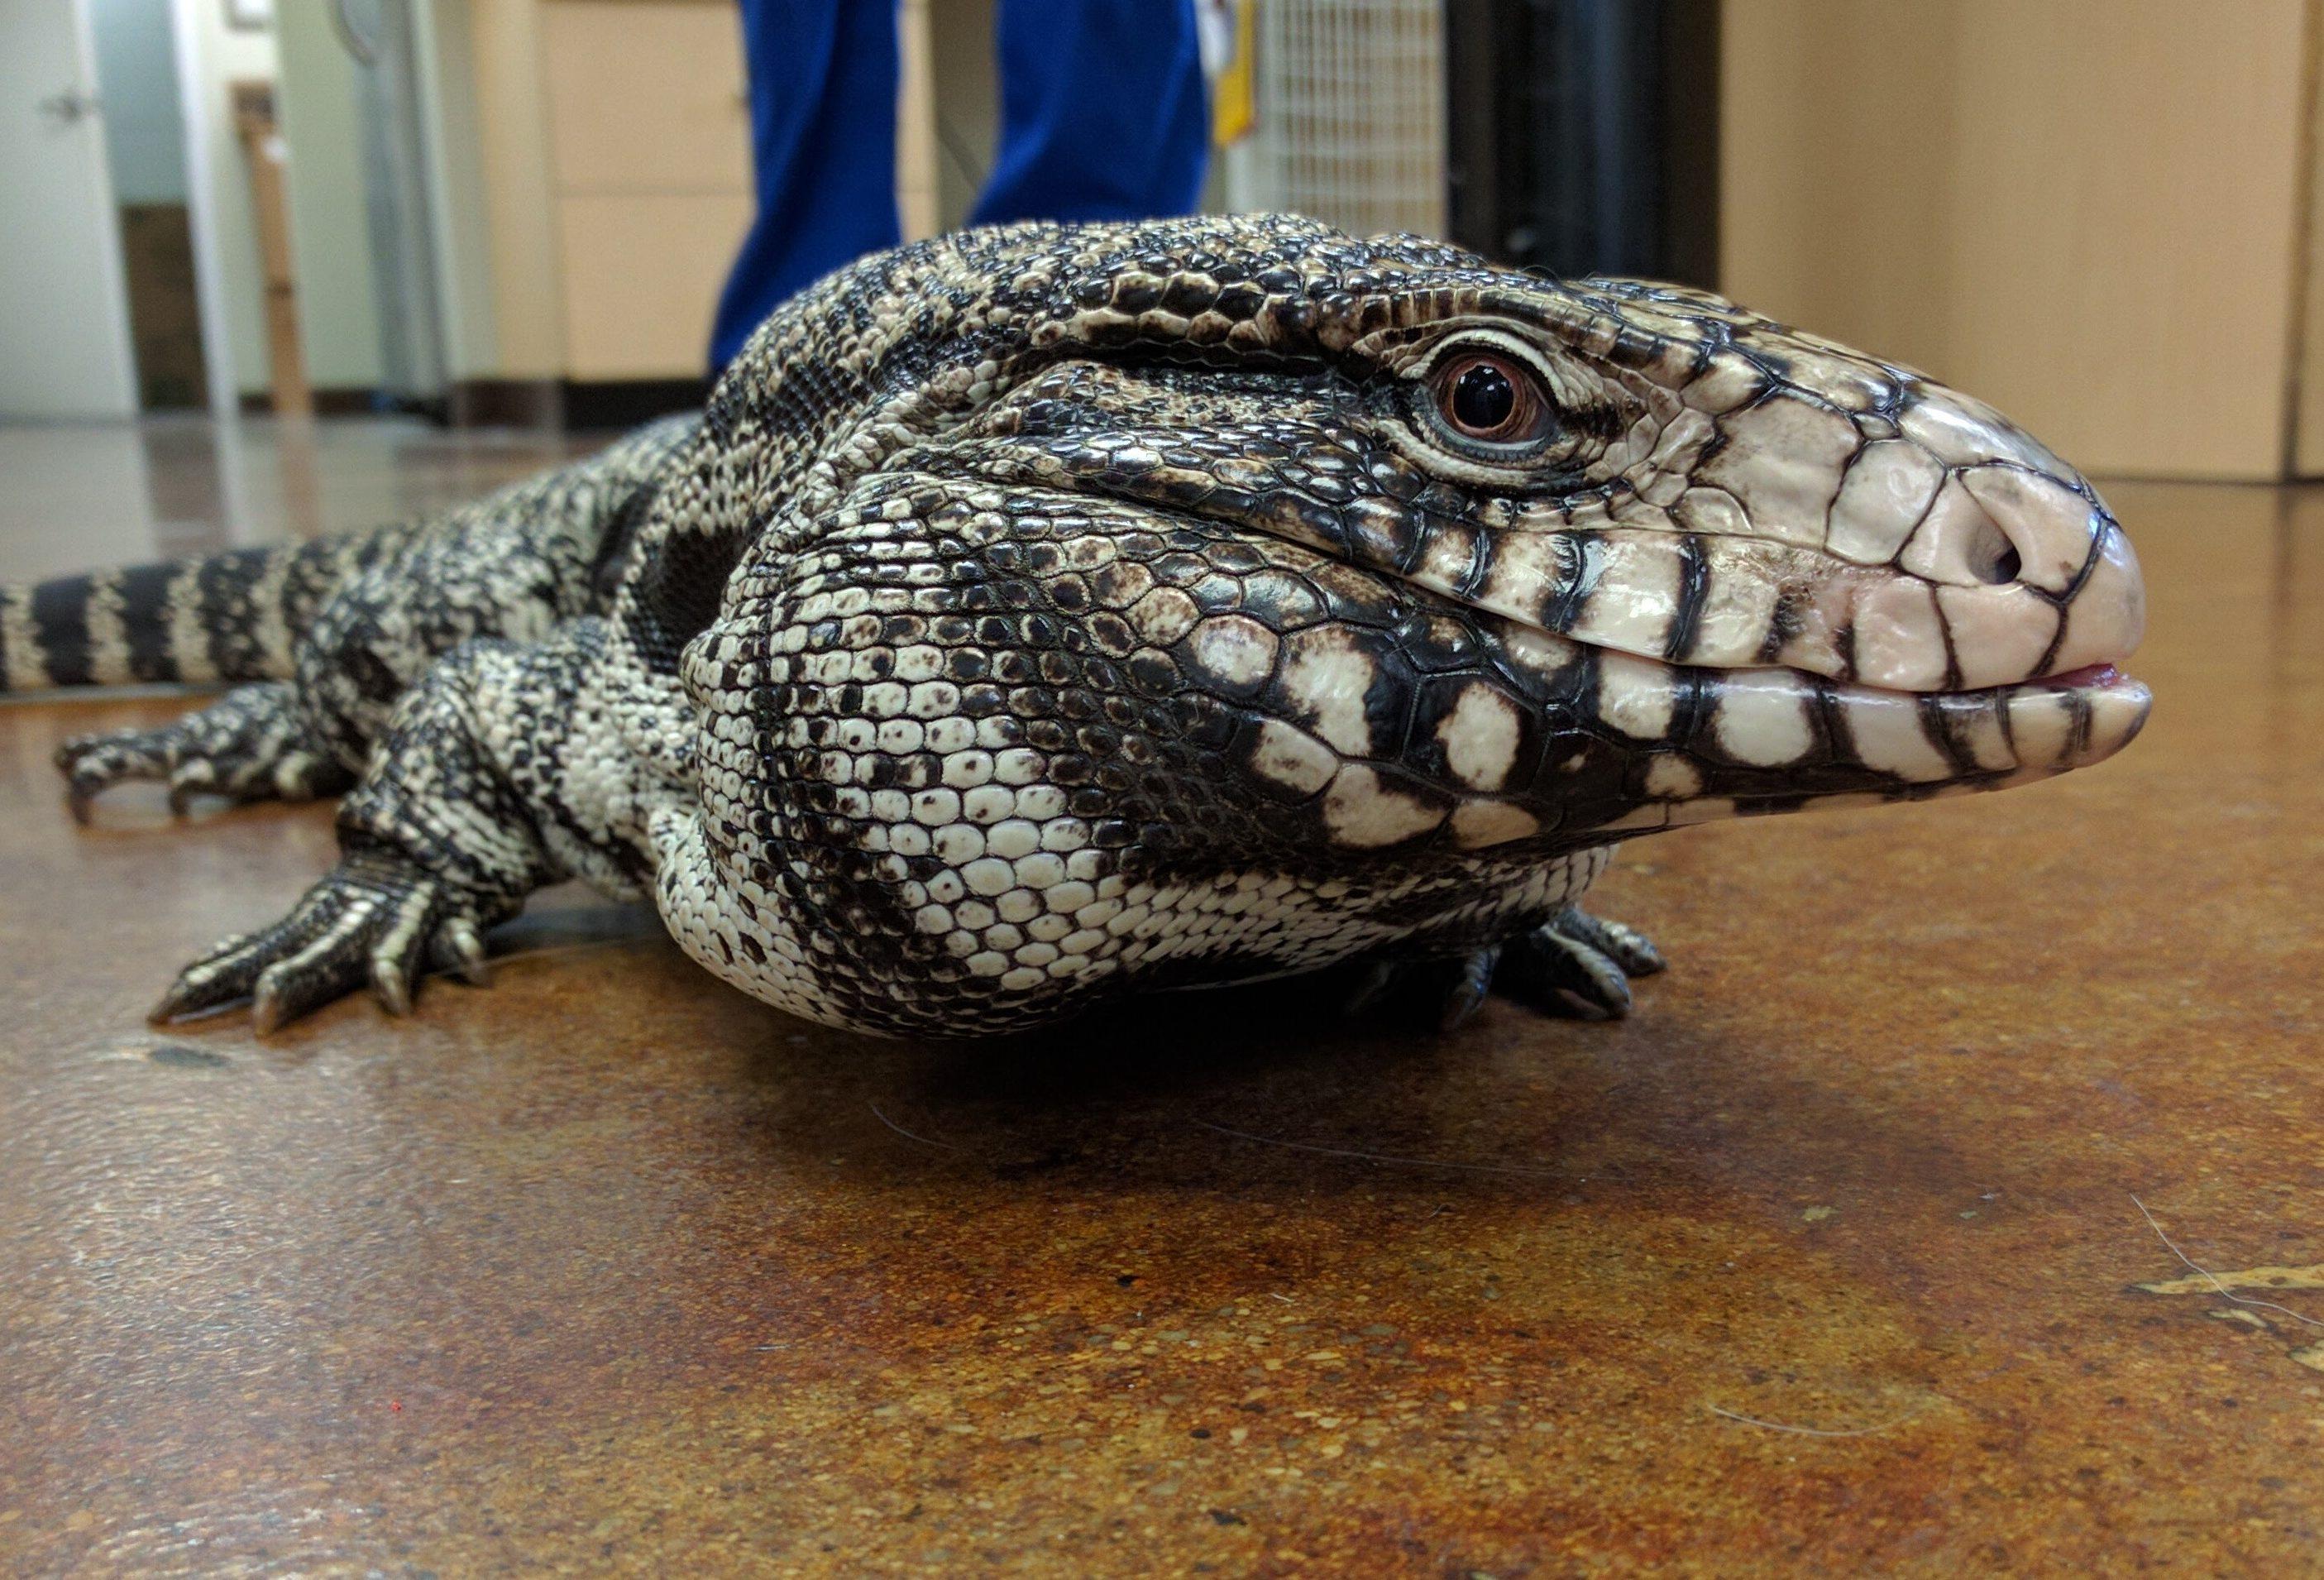 Invasive lizards spreading through parts of Florida, Georgia   Giant Tegu Lizard